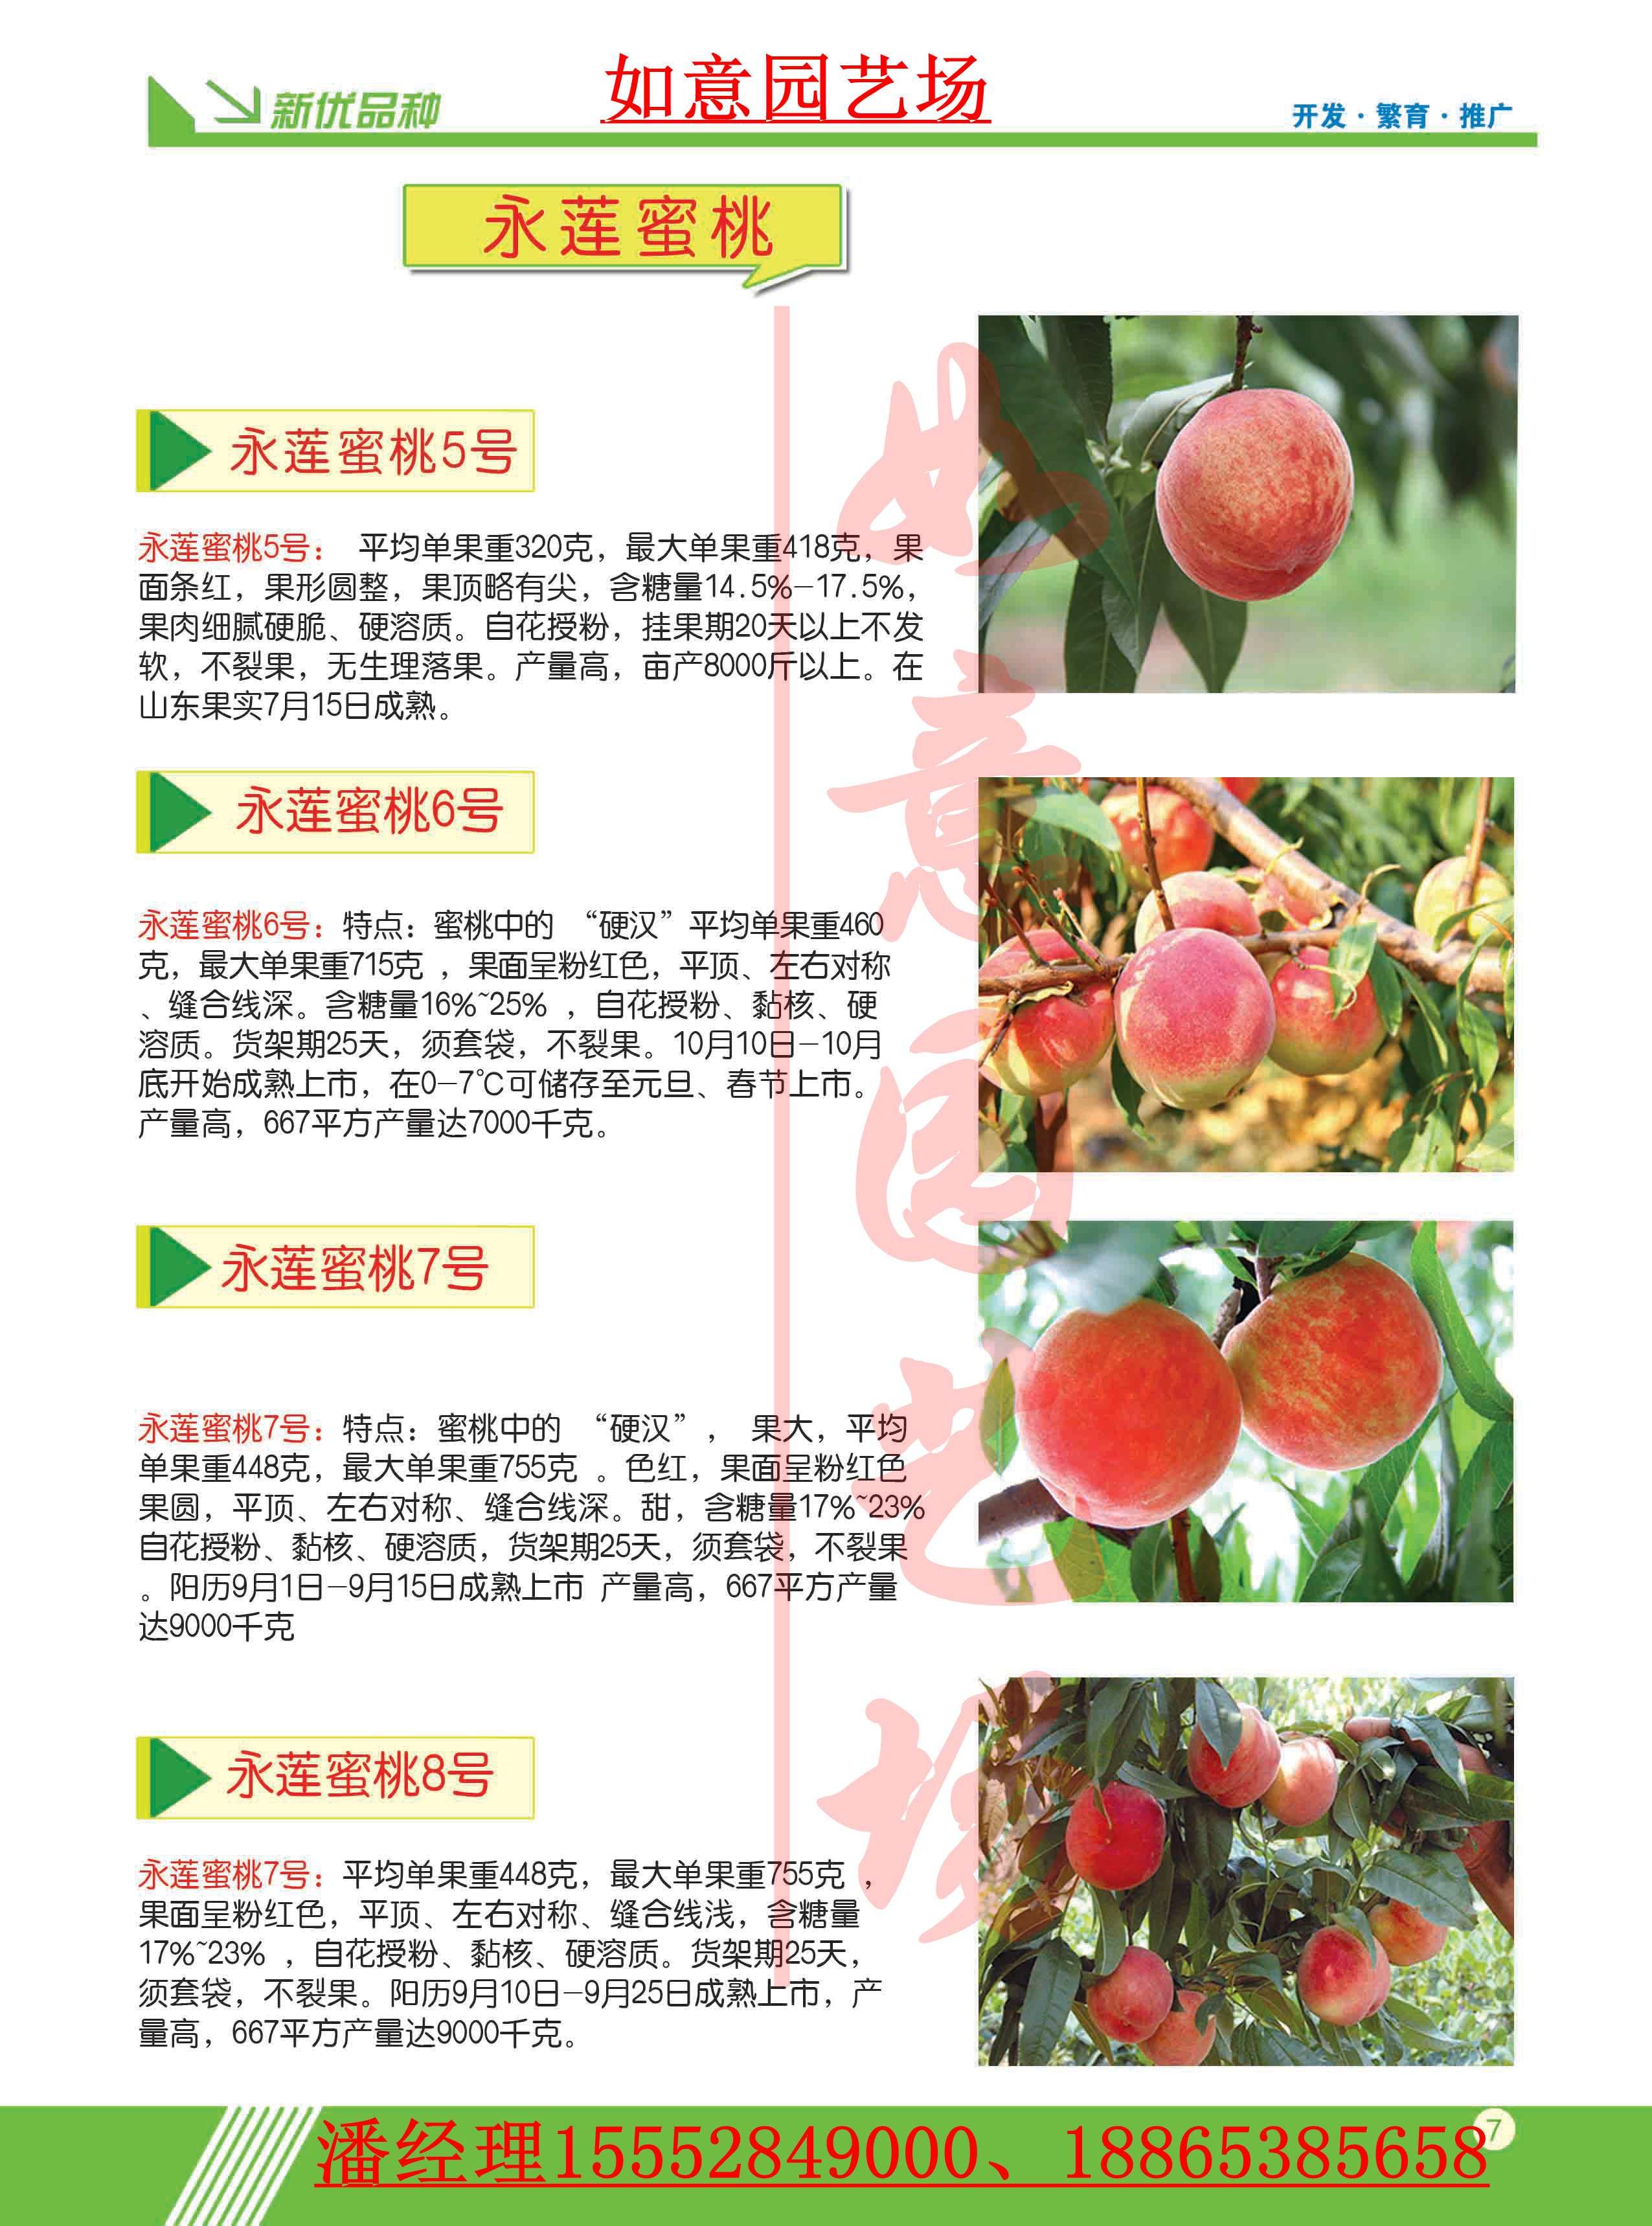 澳门映霜红桃桃苗价格多少